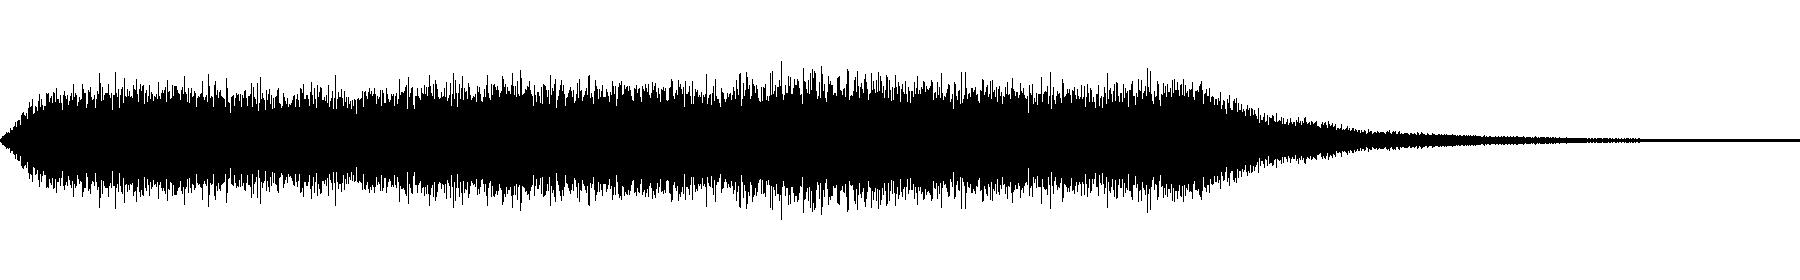 organ g6